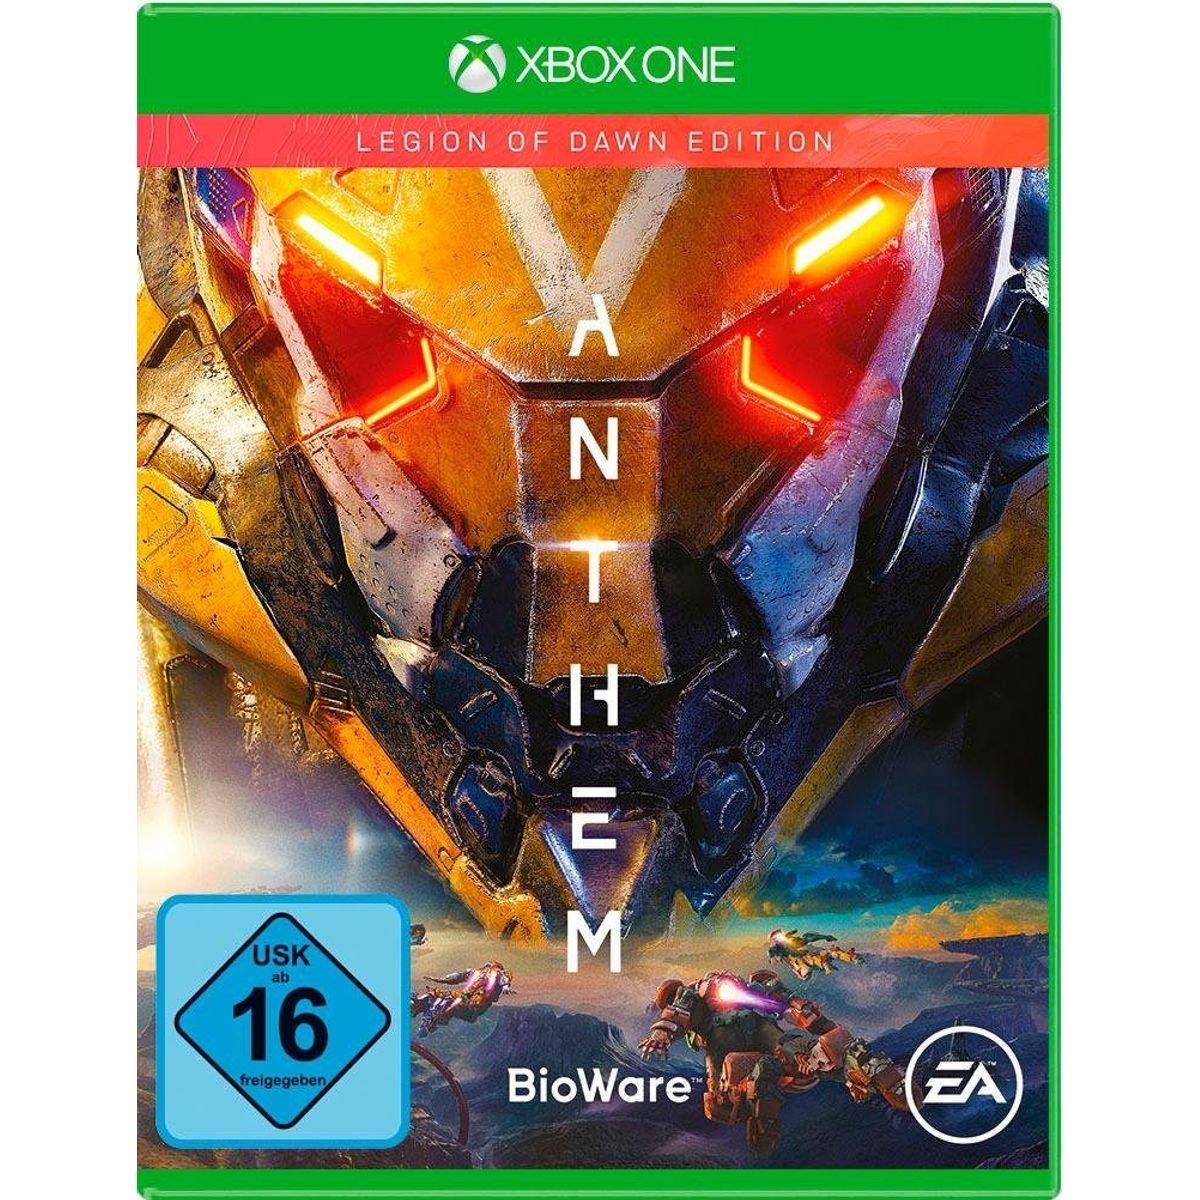 [Prime] Anthem - Legion of Dawn Edition - [Xbox One]